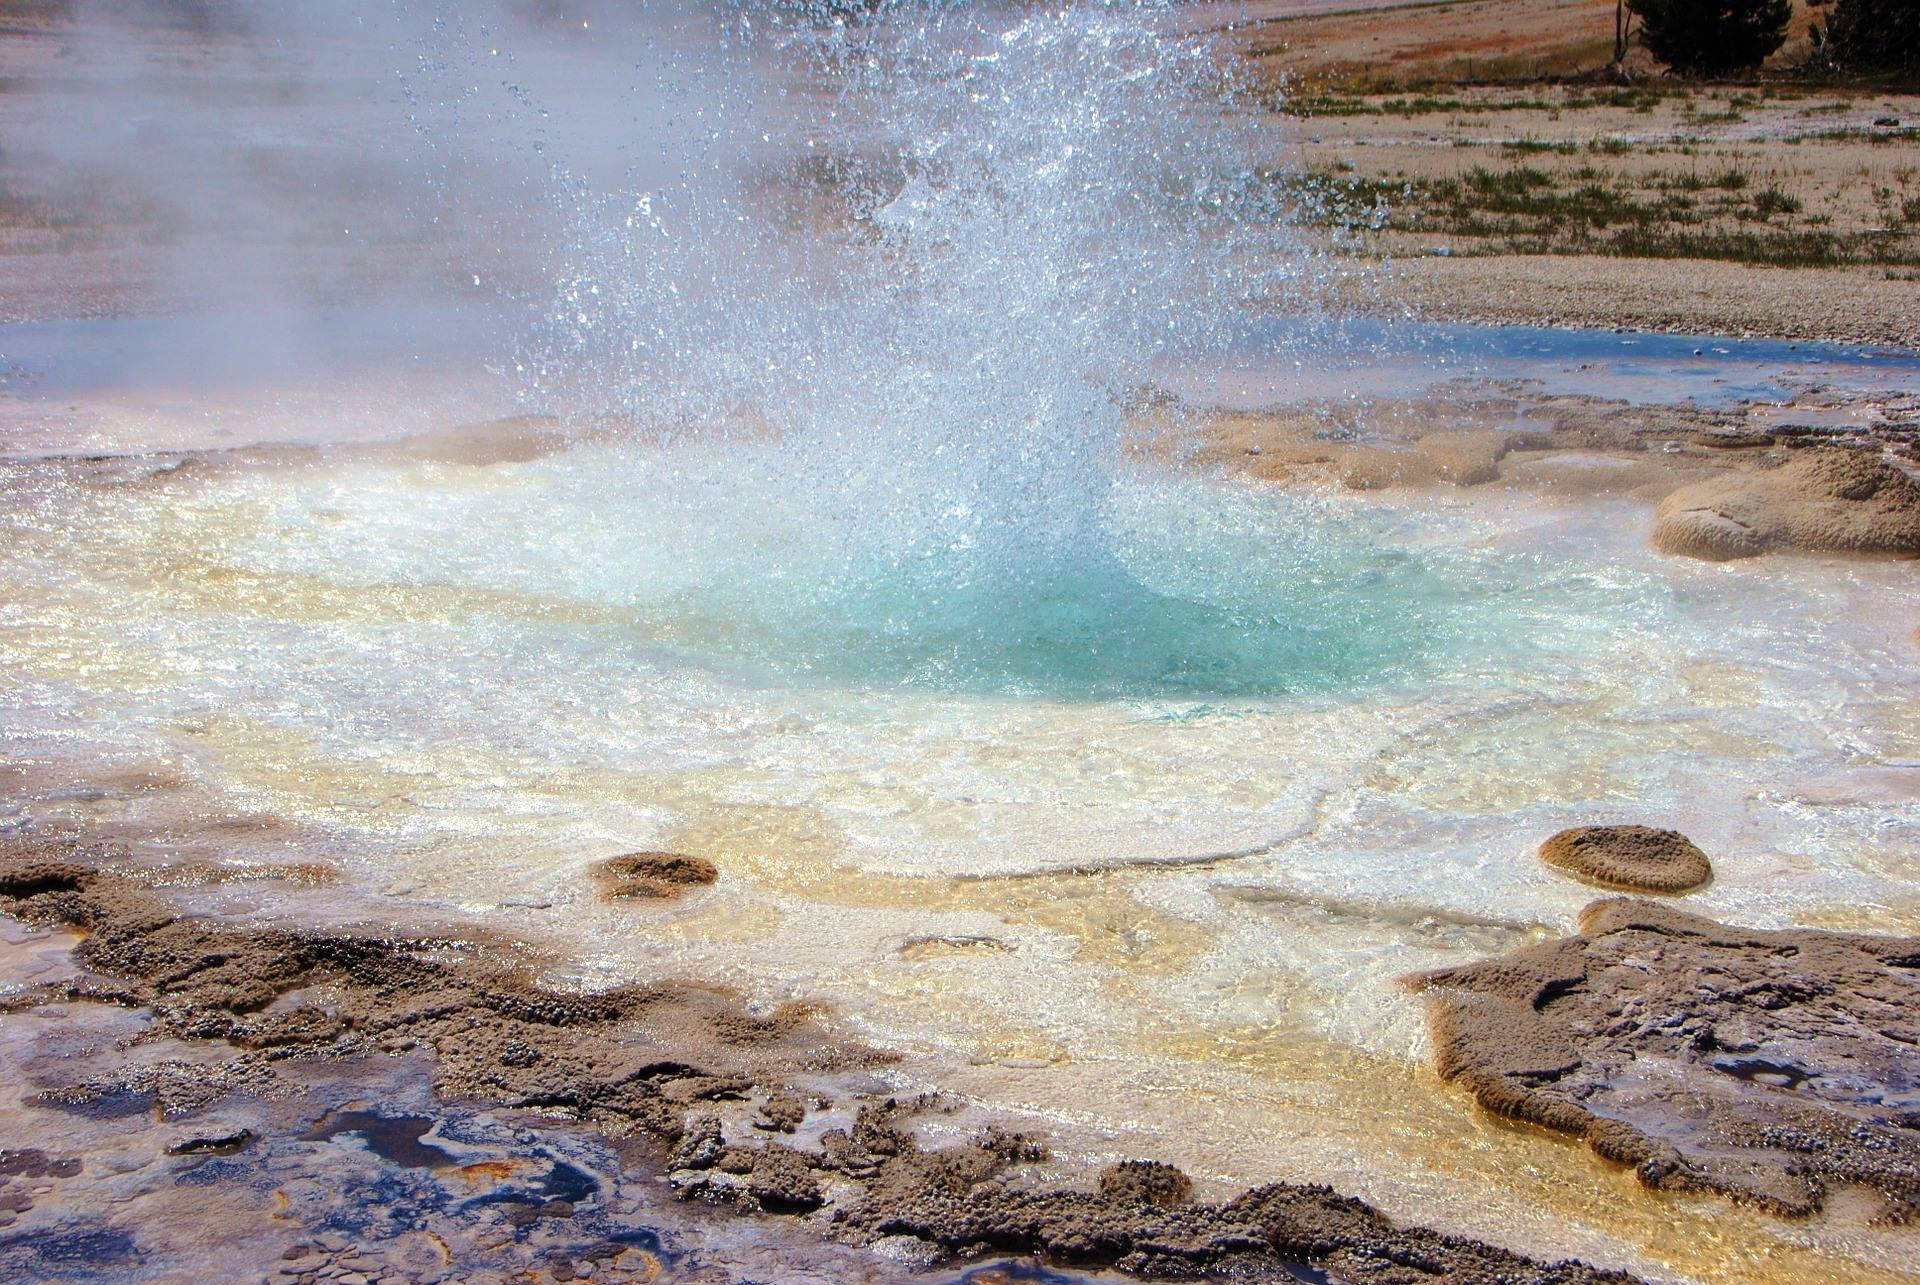 yellowstone national park geyser steam